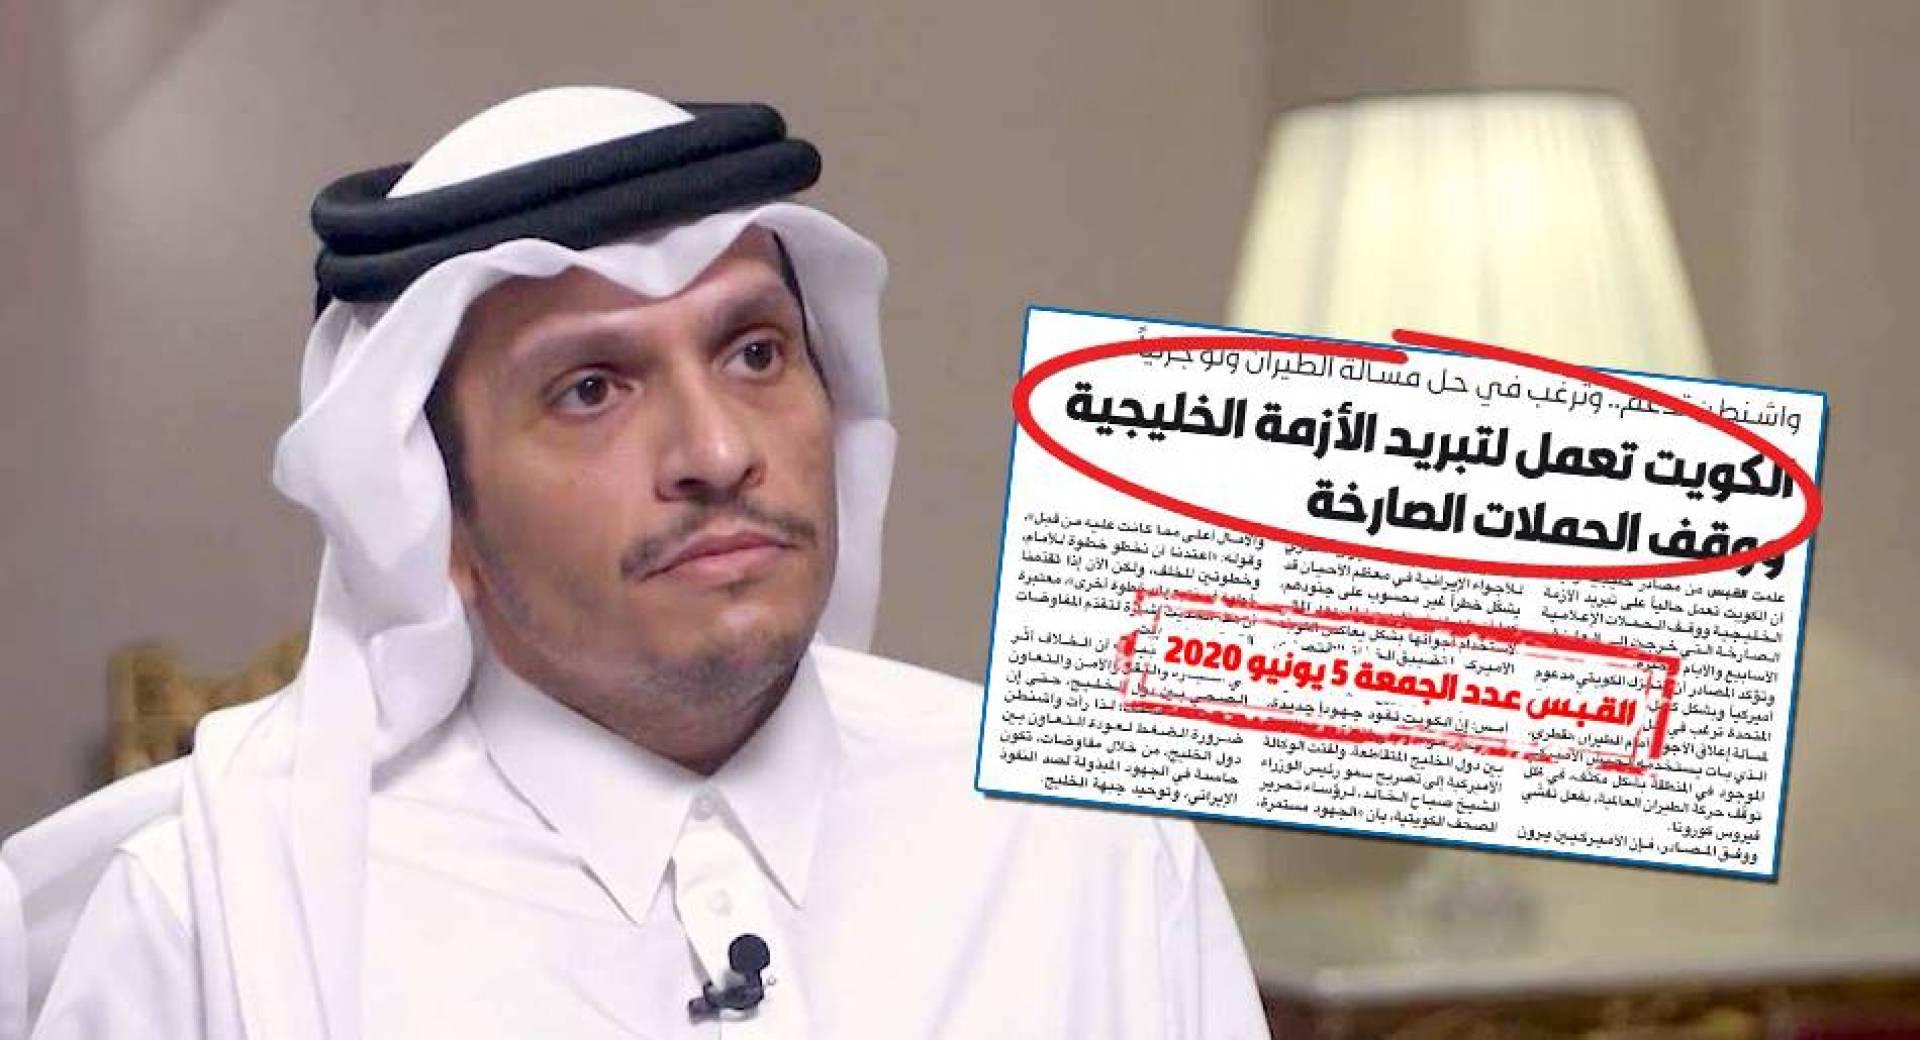 تأكيداً لخبر «القبس».. وزير خارجية قطر: مبادرة كويتية جديدة لحل الأزمة الخليجية